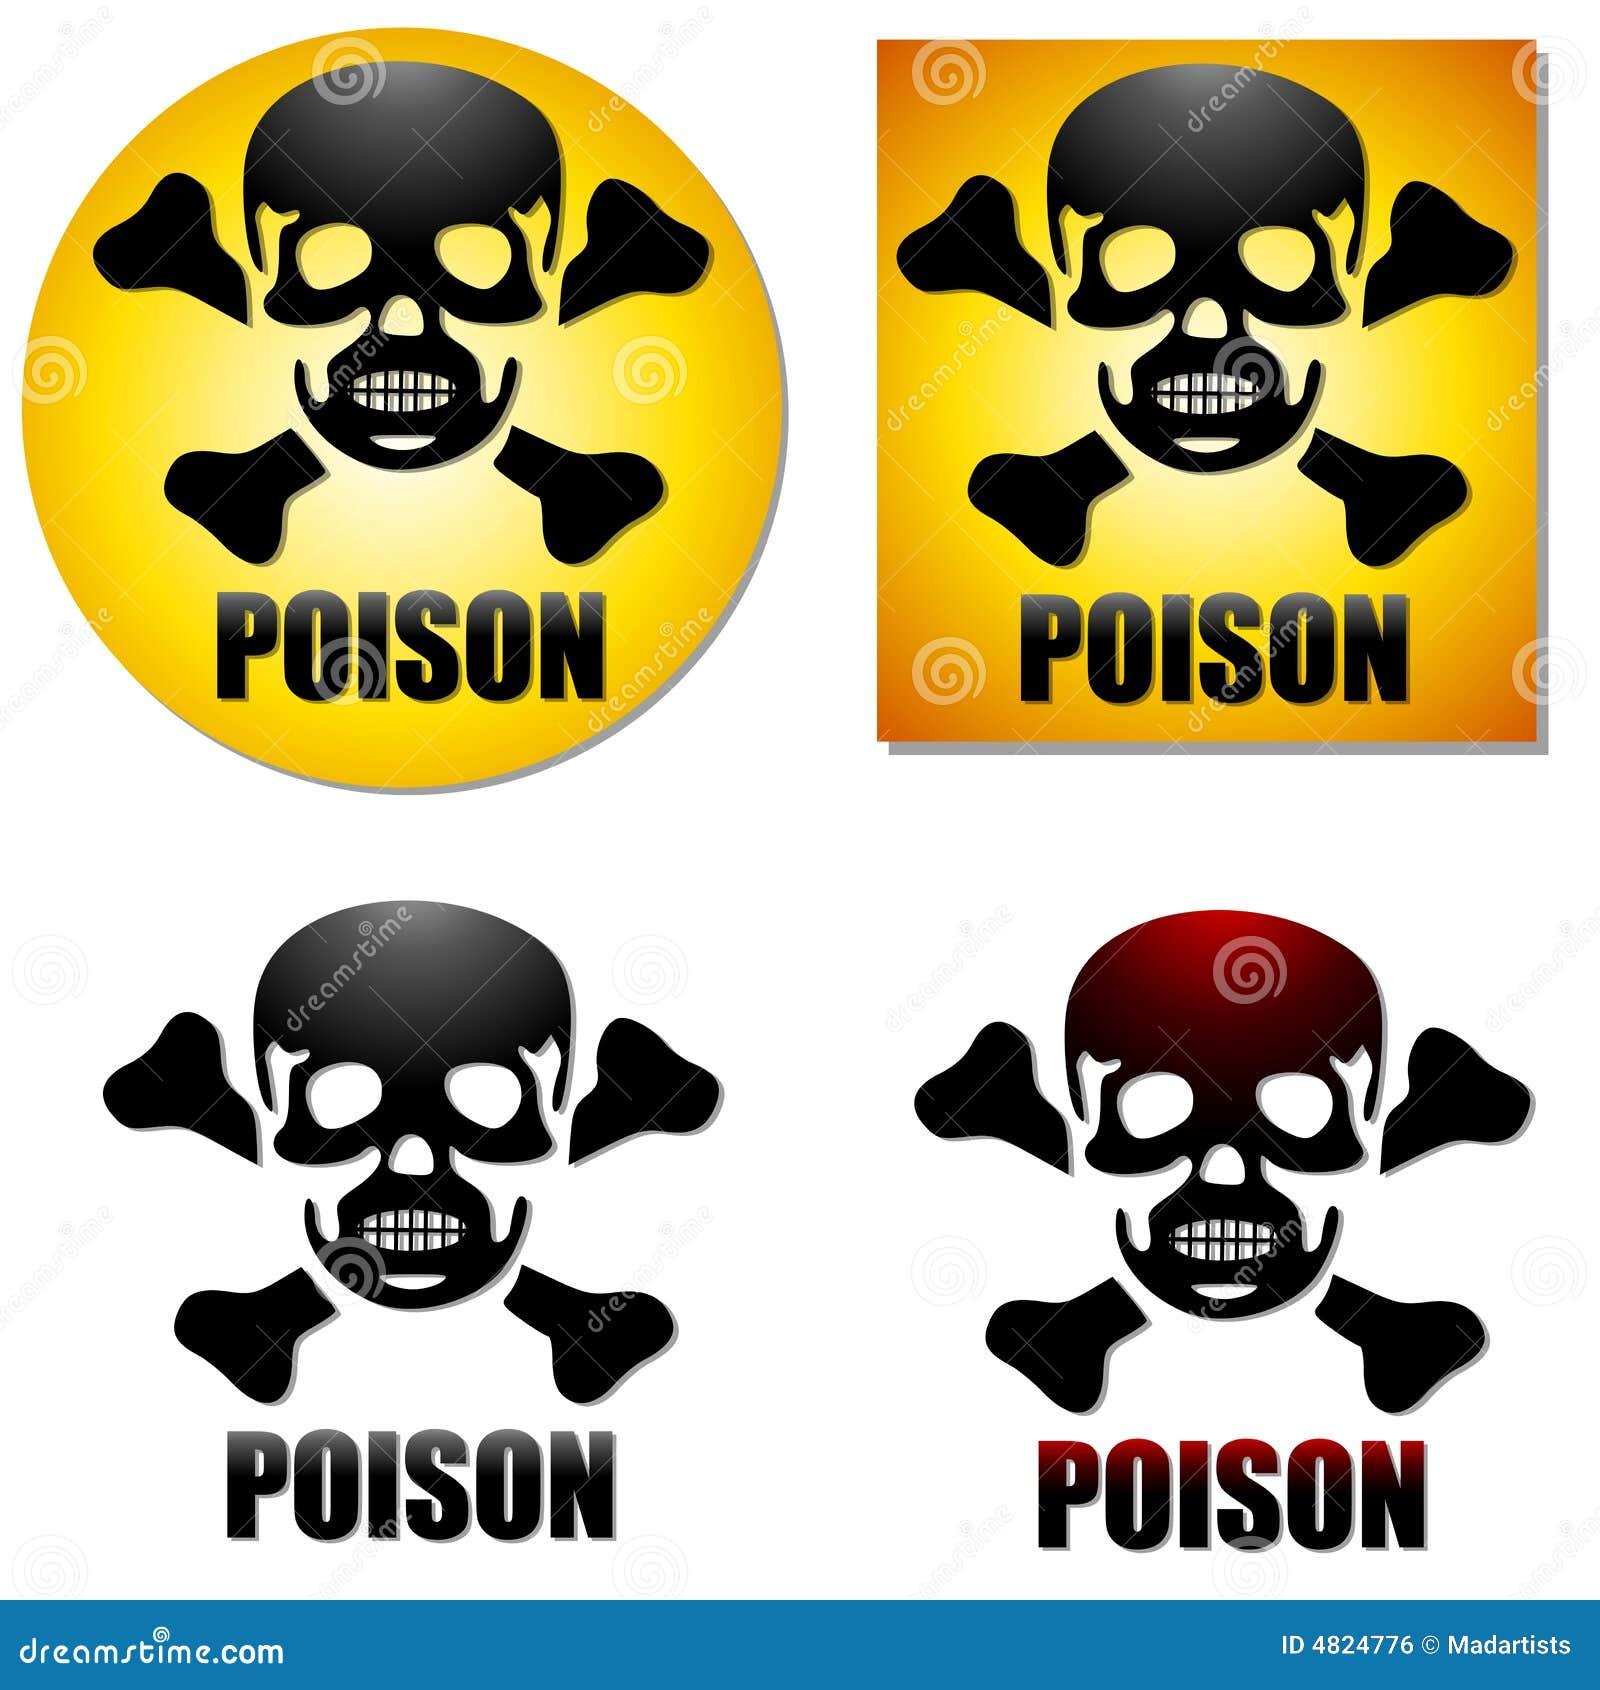 Poison Skull Crossbones Symbols Stock Illustration Illustration Of